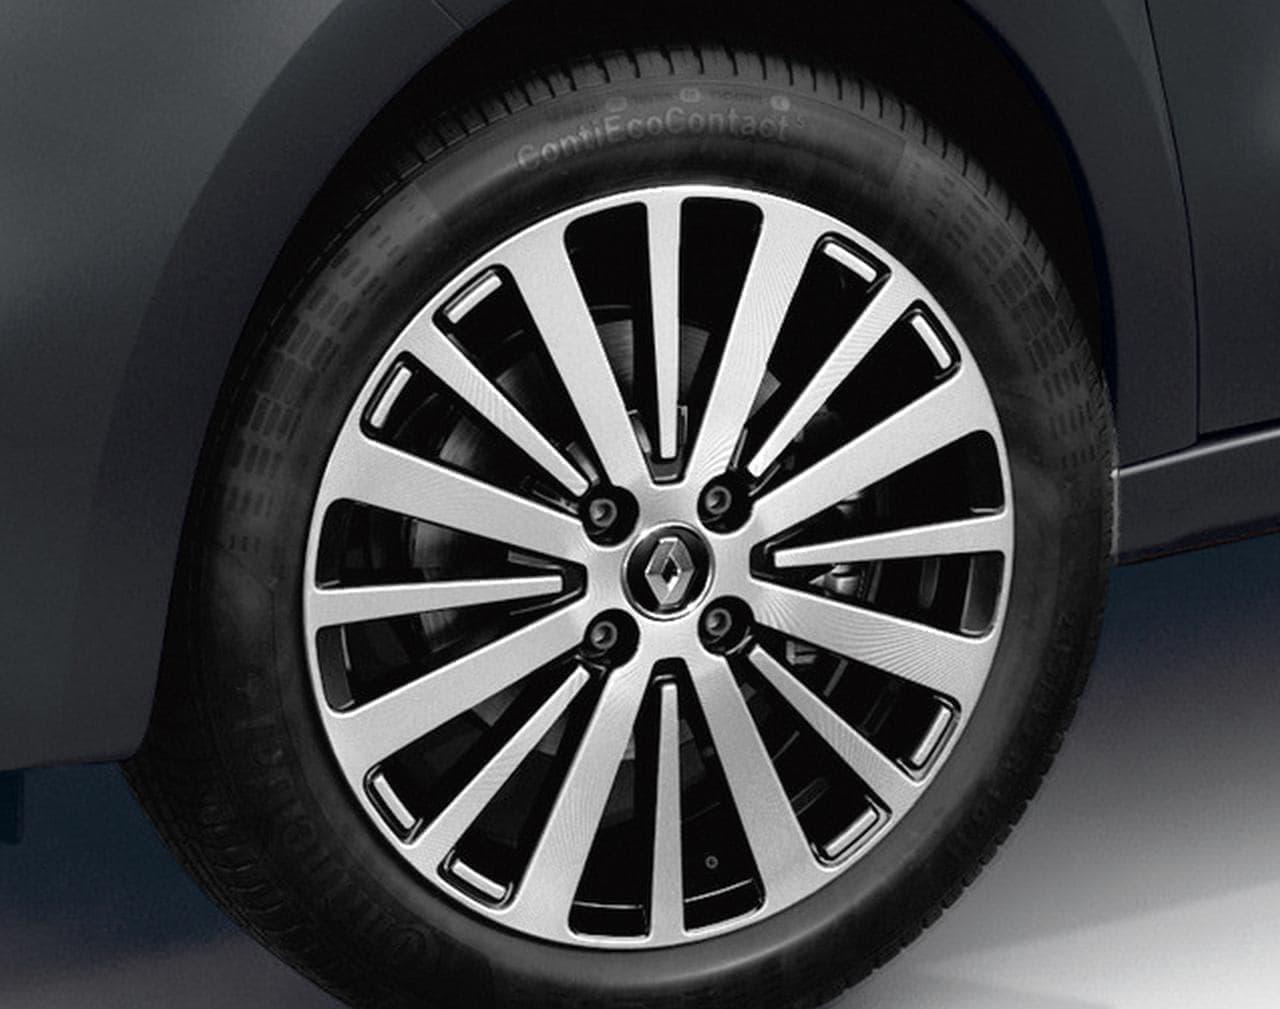 ルノー「トゥインゴ」にシルバーグレーのエレガントな限定車「サンドレ」